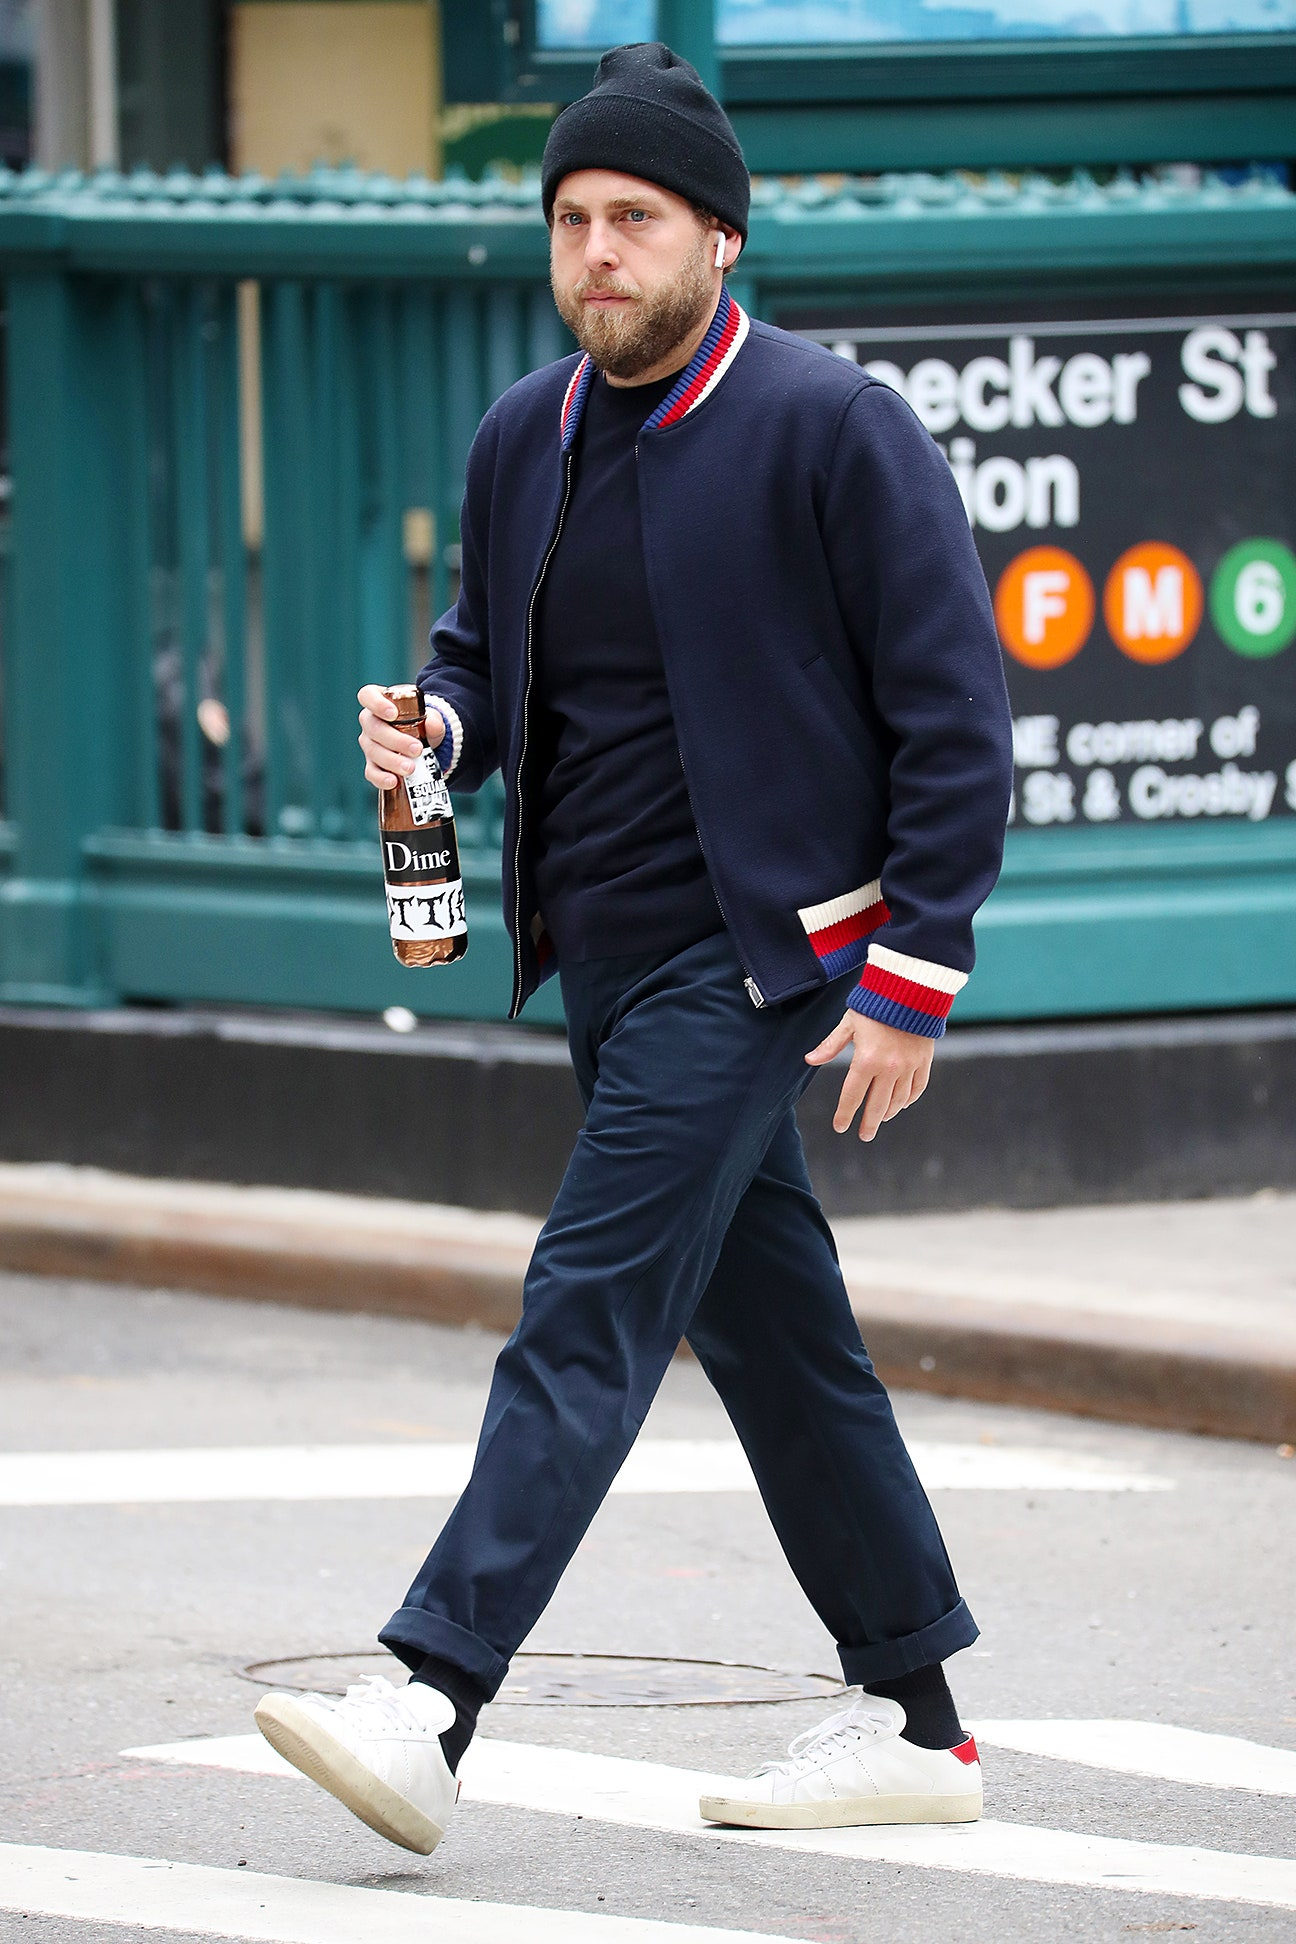 Bộ outfit sang chảnh với áo khoác Gucci và giày sneaker Saint Laurent của Jonah Hill